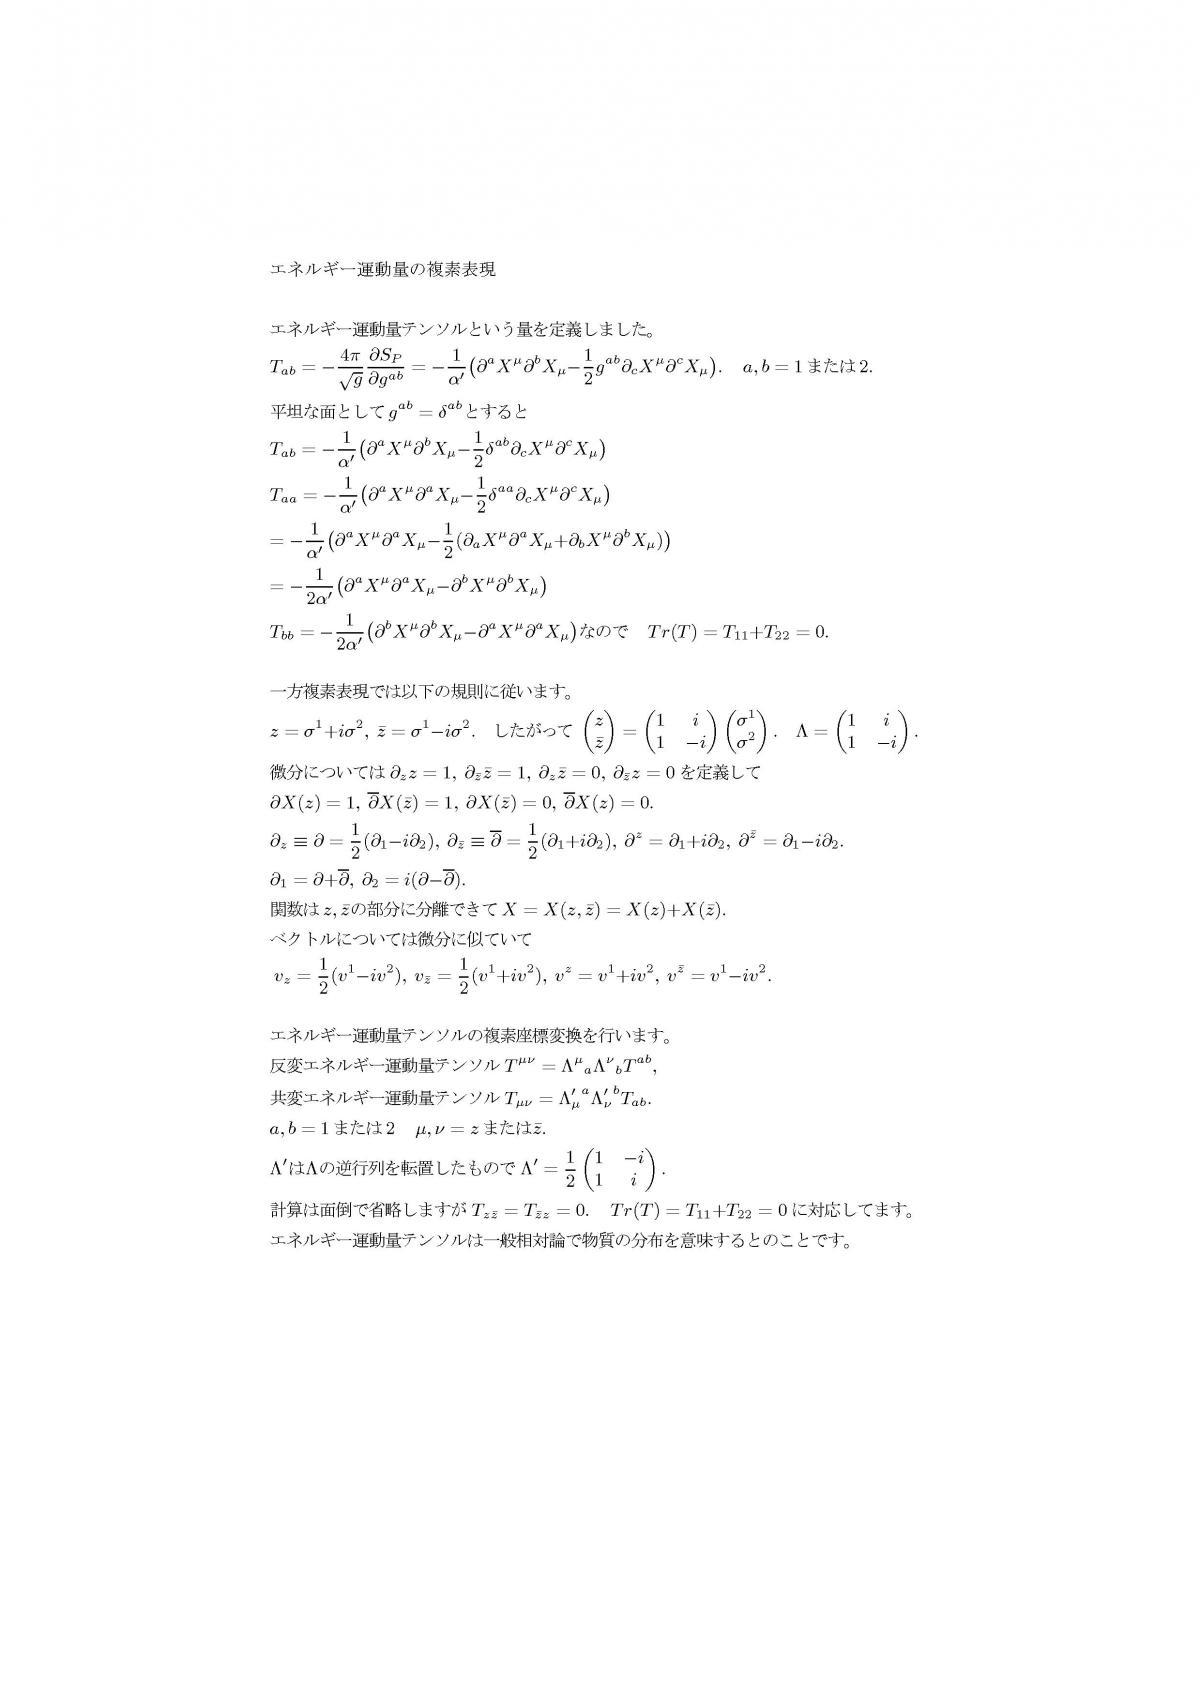 pgen16.jpg